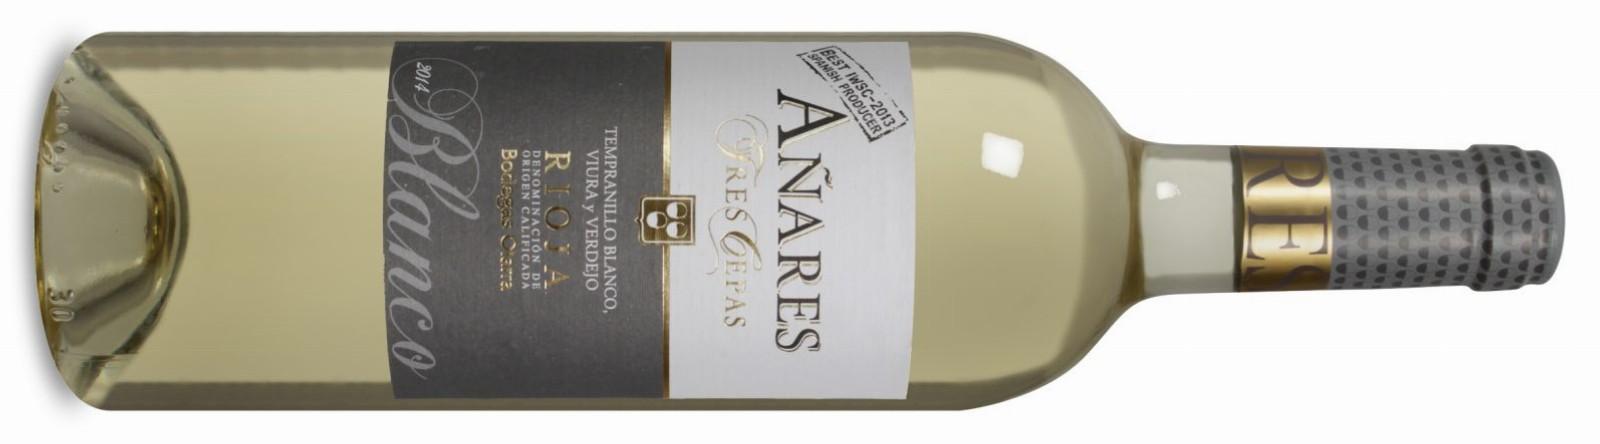 Añares Tres Cepas Rioja DOCa Blanco 2014